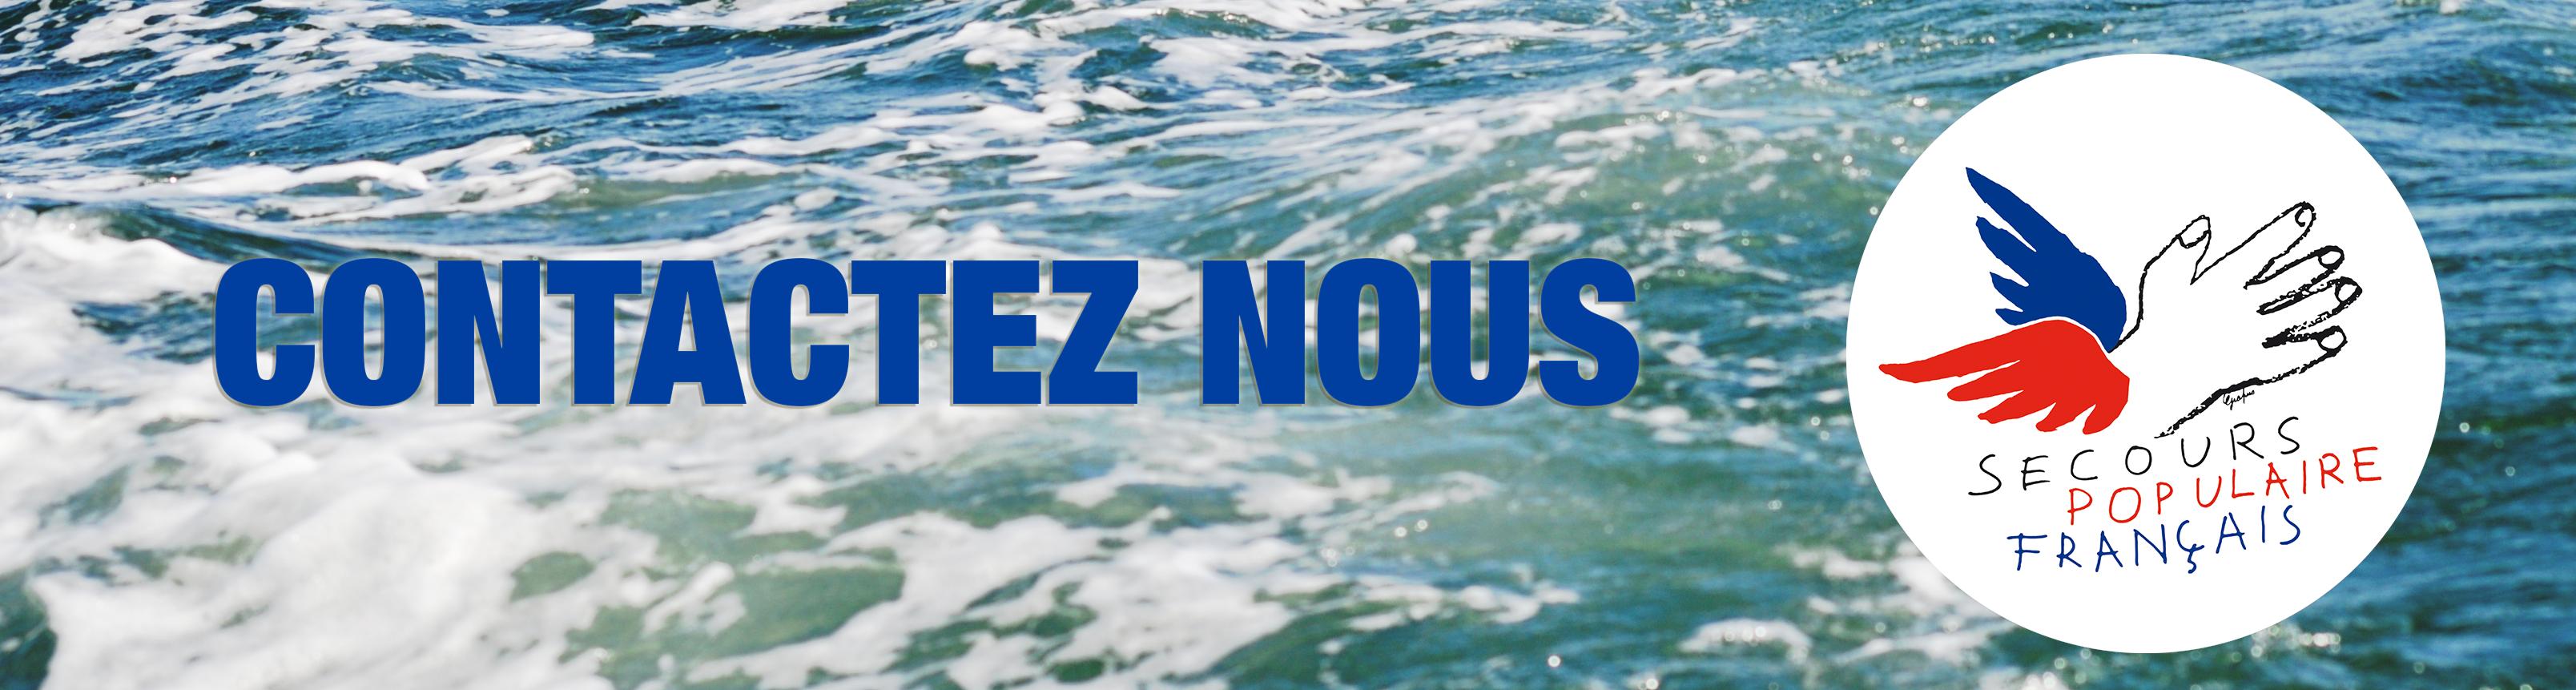 Les vacances avec le Secours populaire du Puy-de-Dôme, contactez nous !